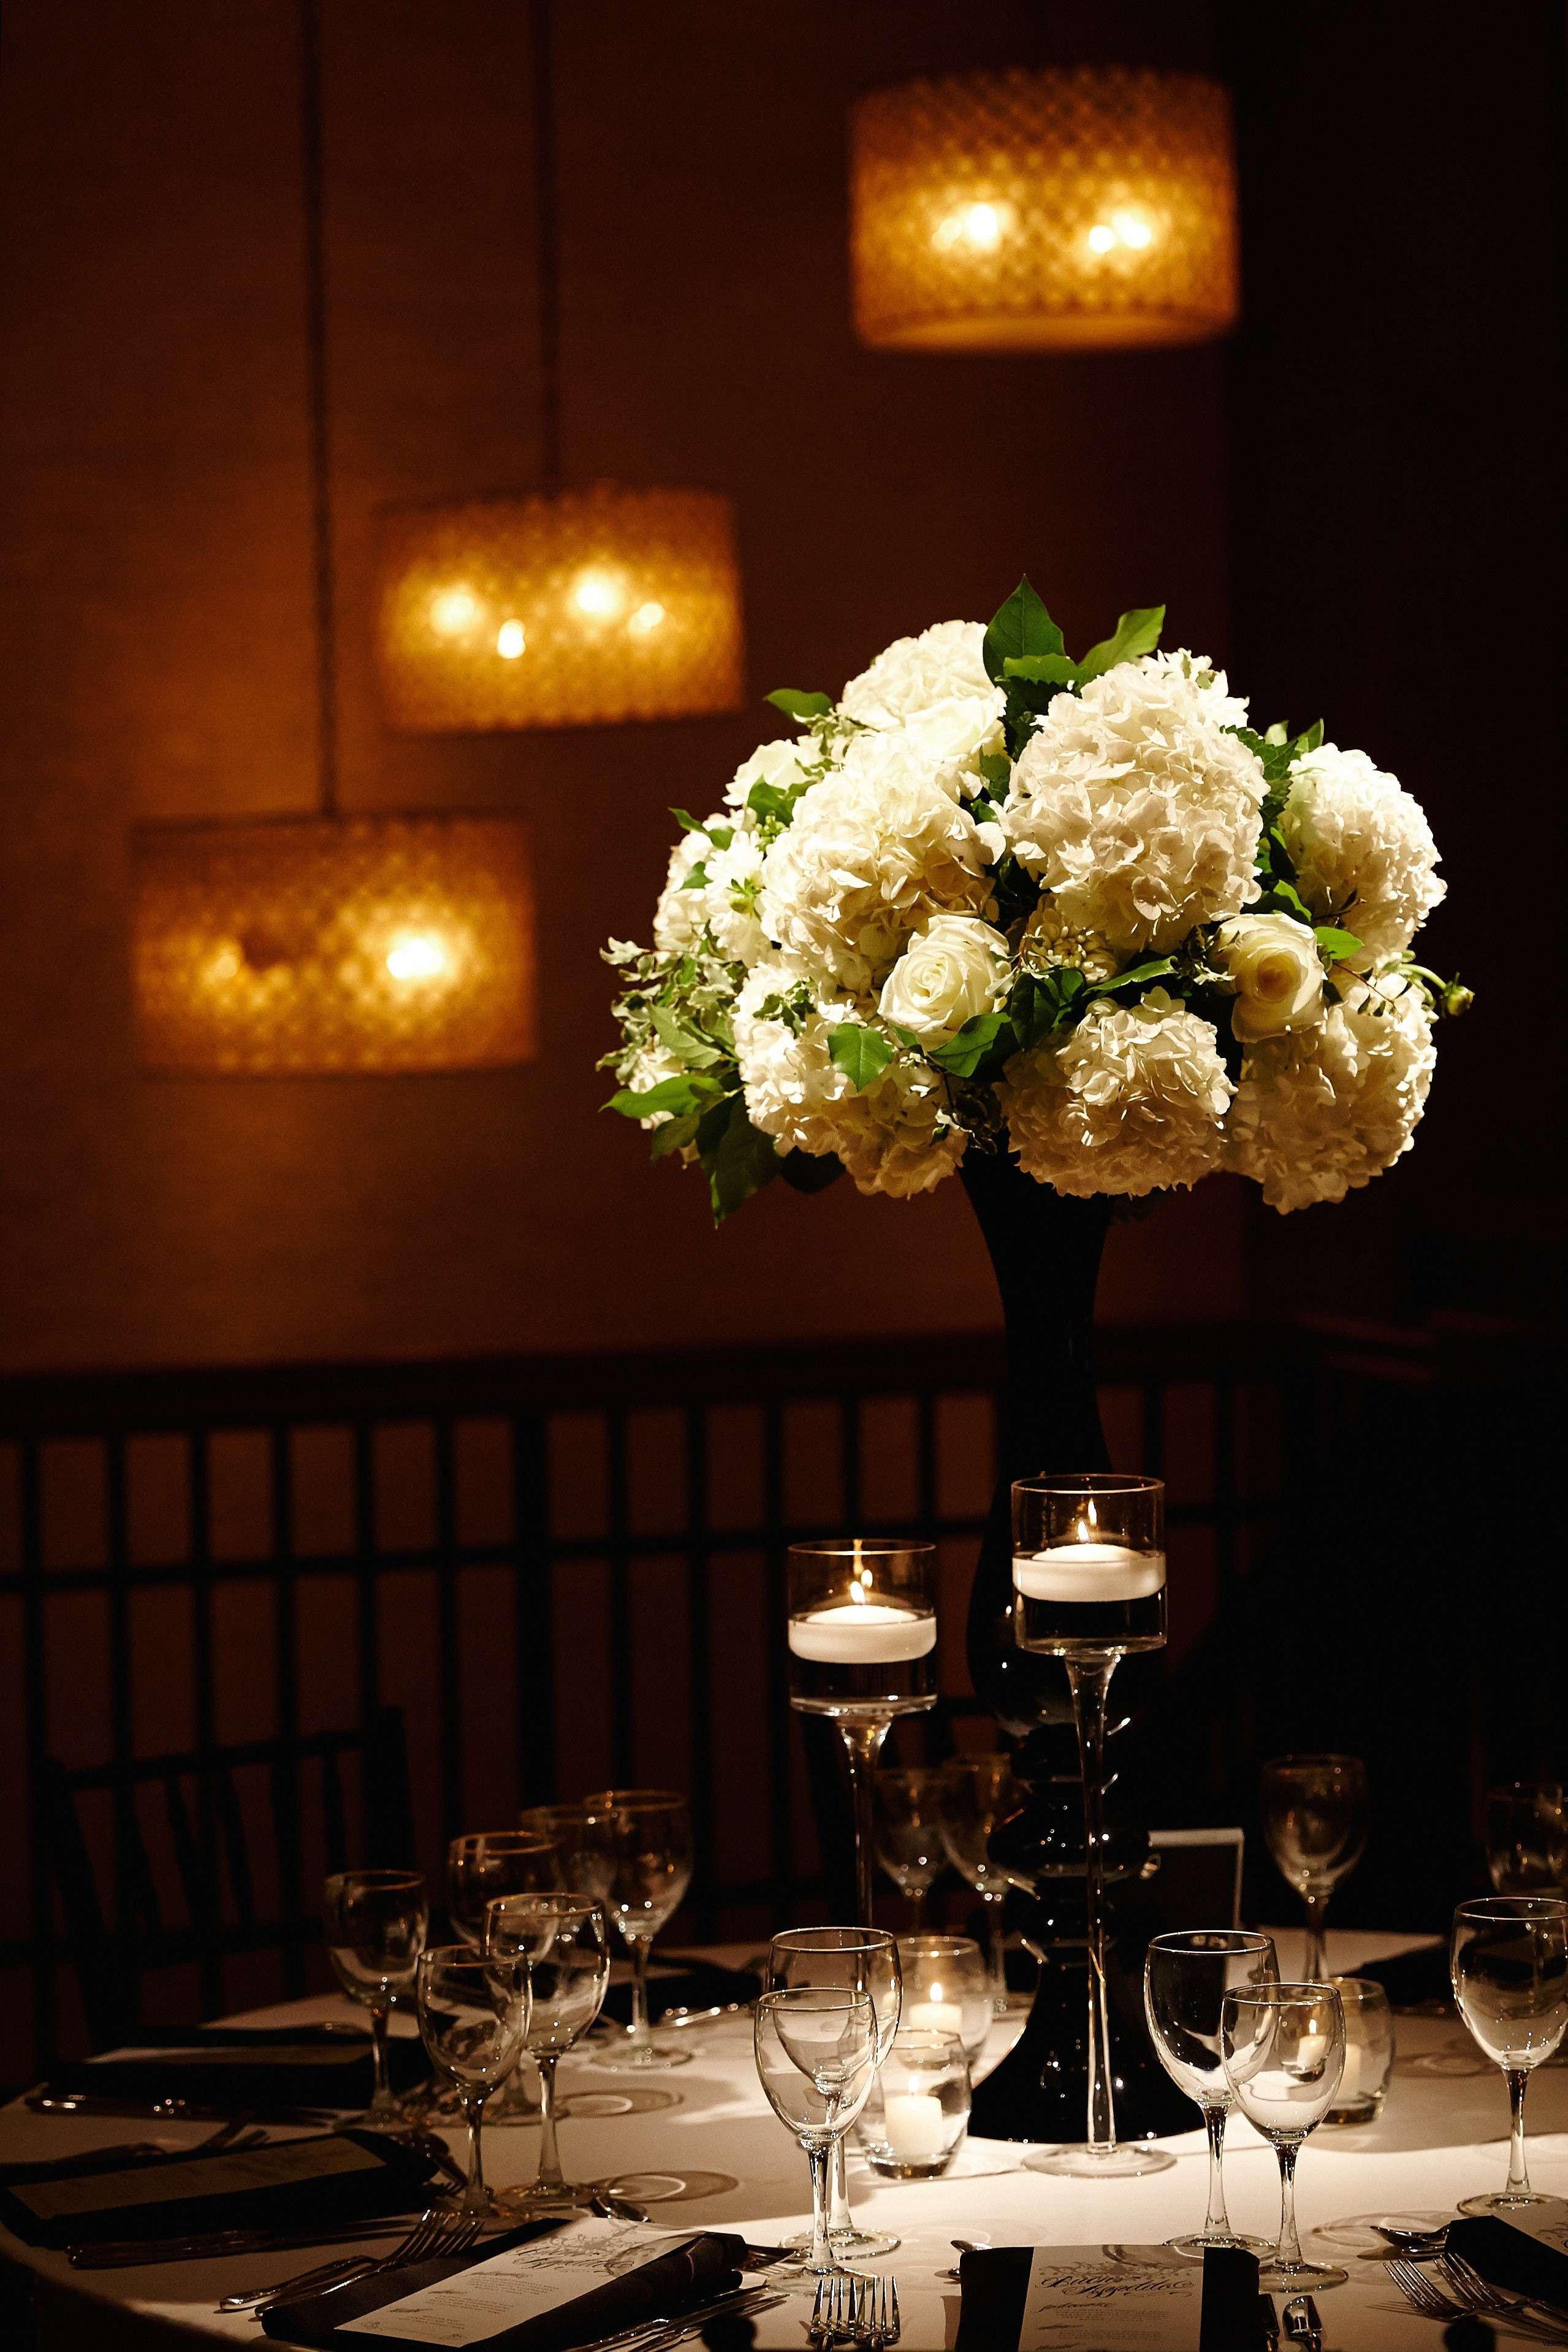 navy blue vase filler of 16 lovely flowers in a tall white vase bogekompresorturkiye com inside il fullxfull h vases black vase white flowers zoomi 0d with design design ideas vase